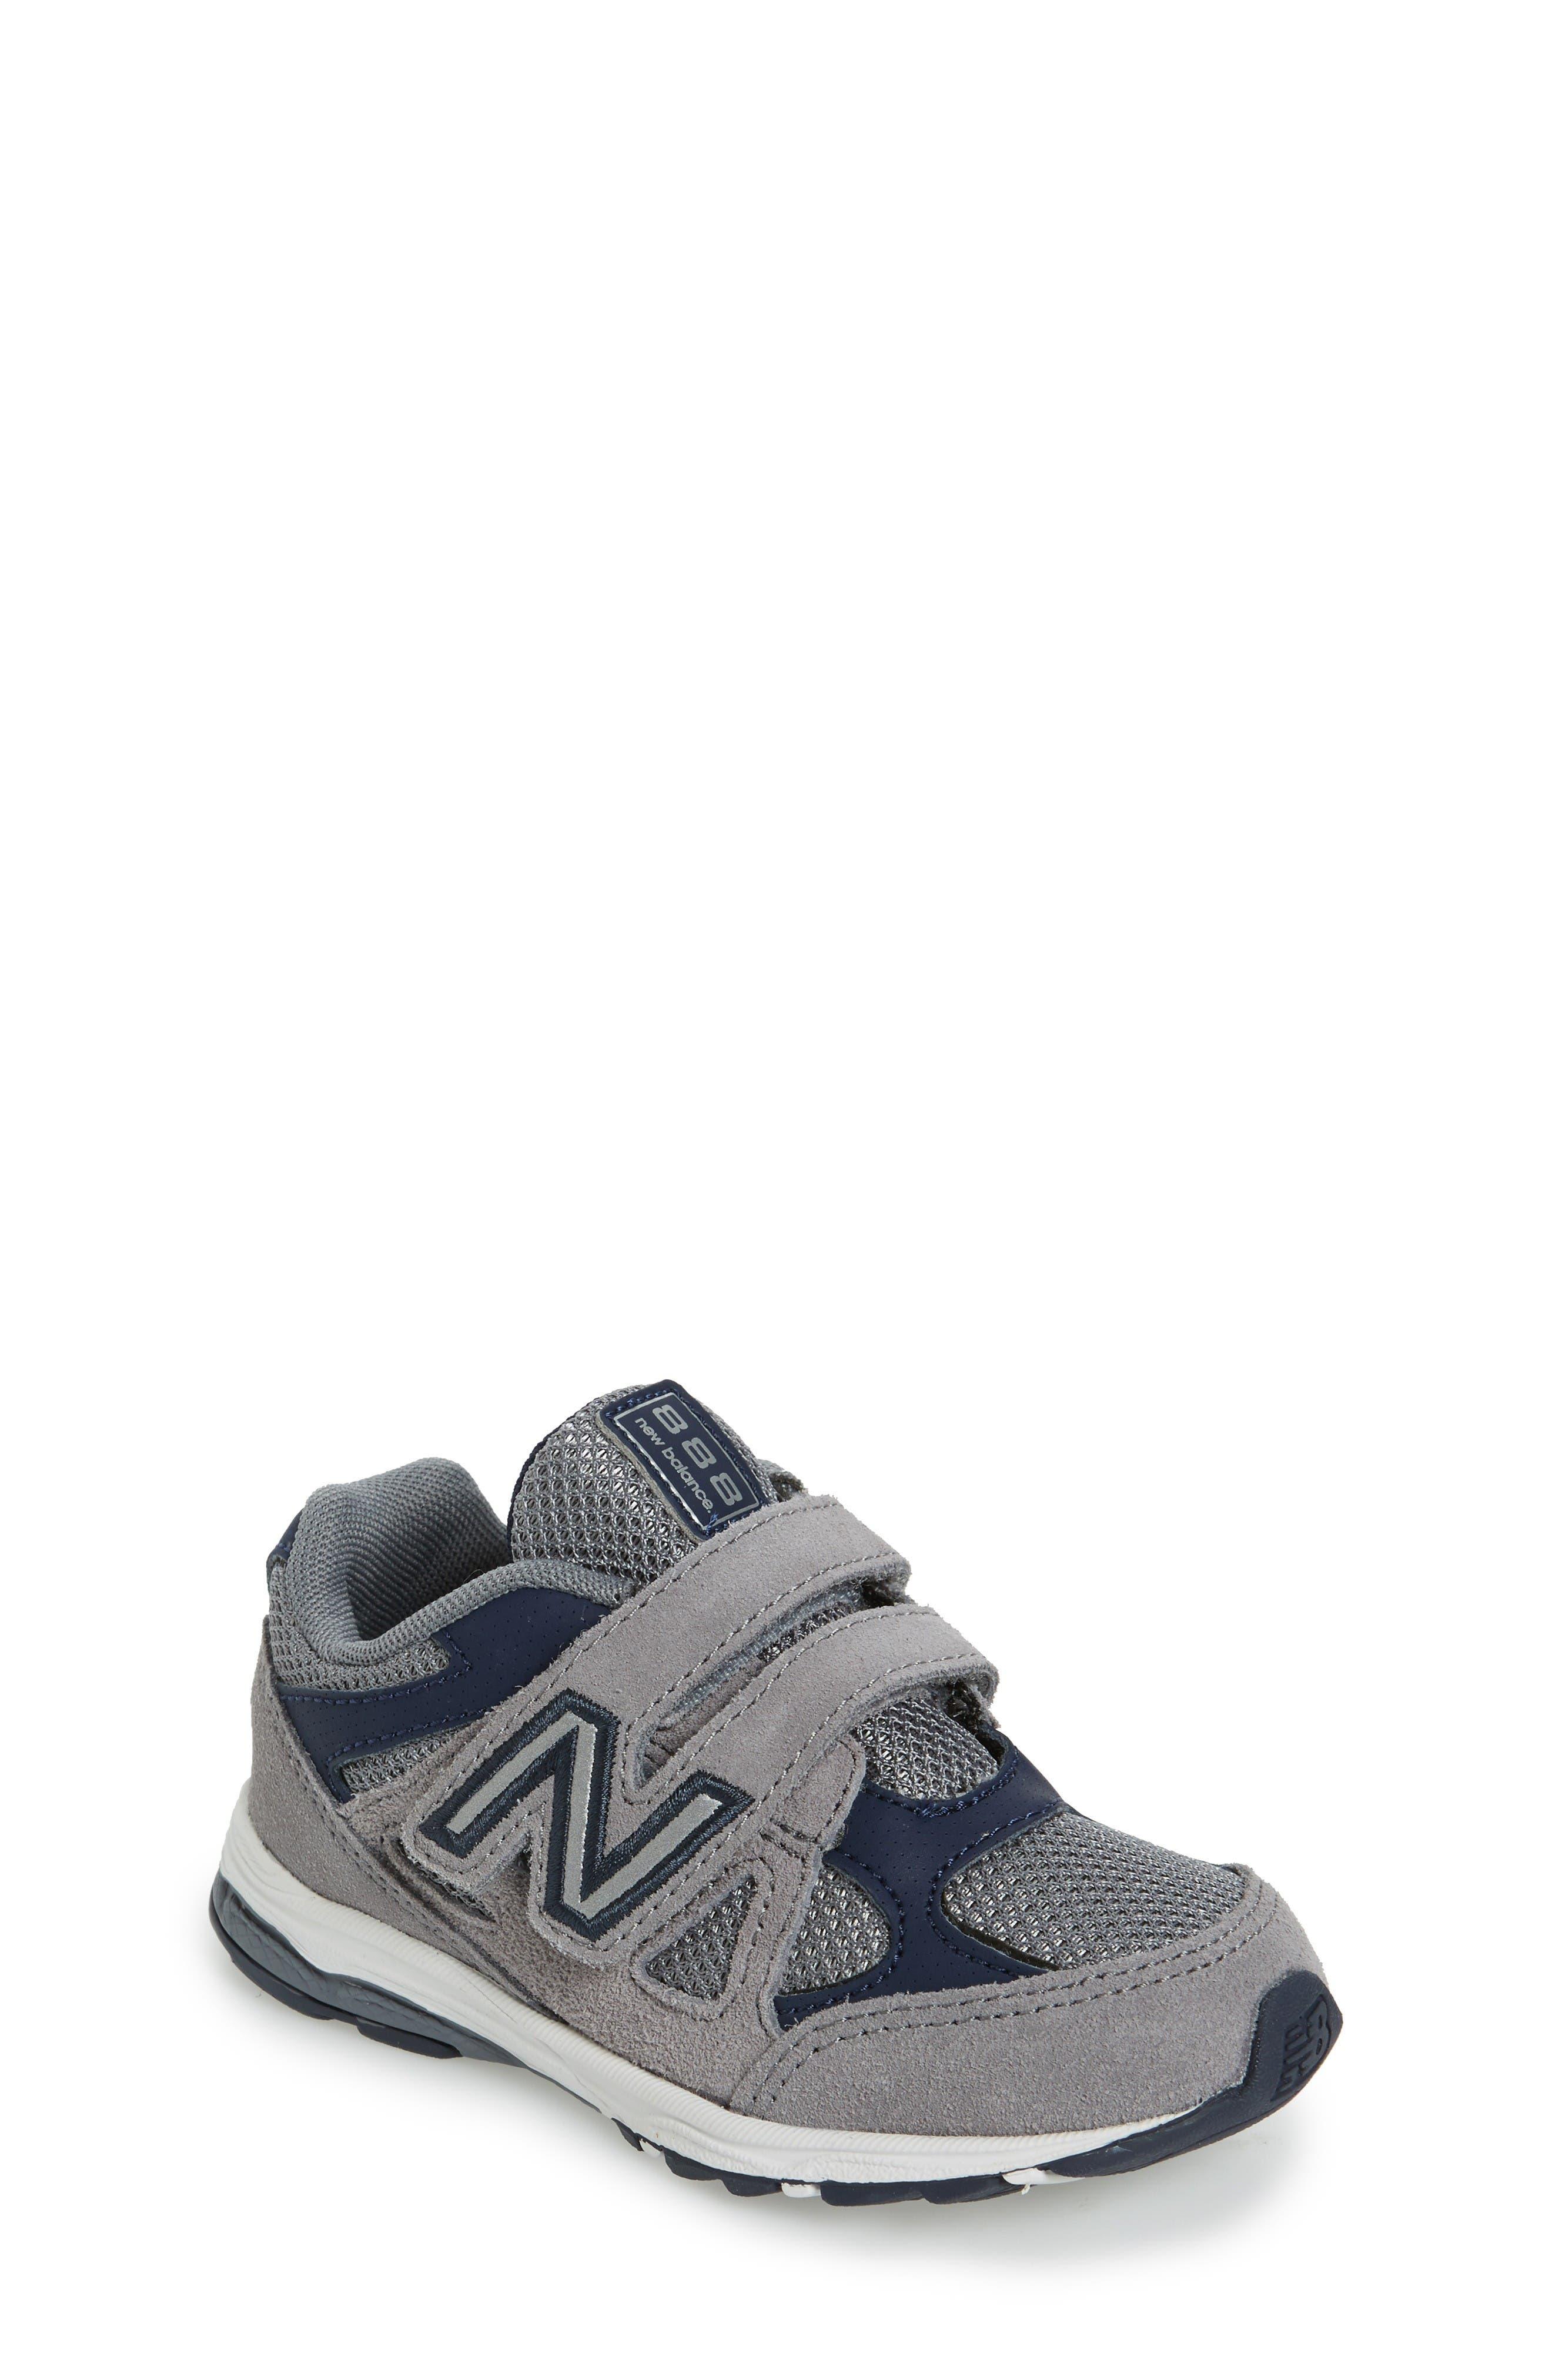 Alternate Image 1 Selected - New Balance 888 Sneaker (Baby, Walker, Toddler & Little Kid)